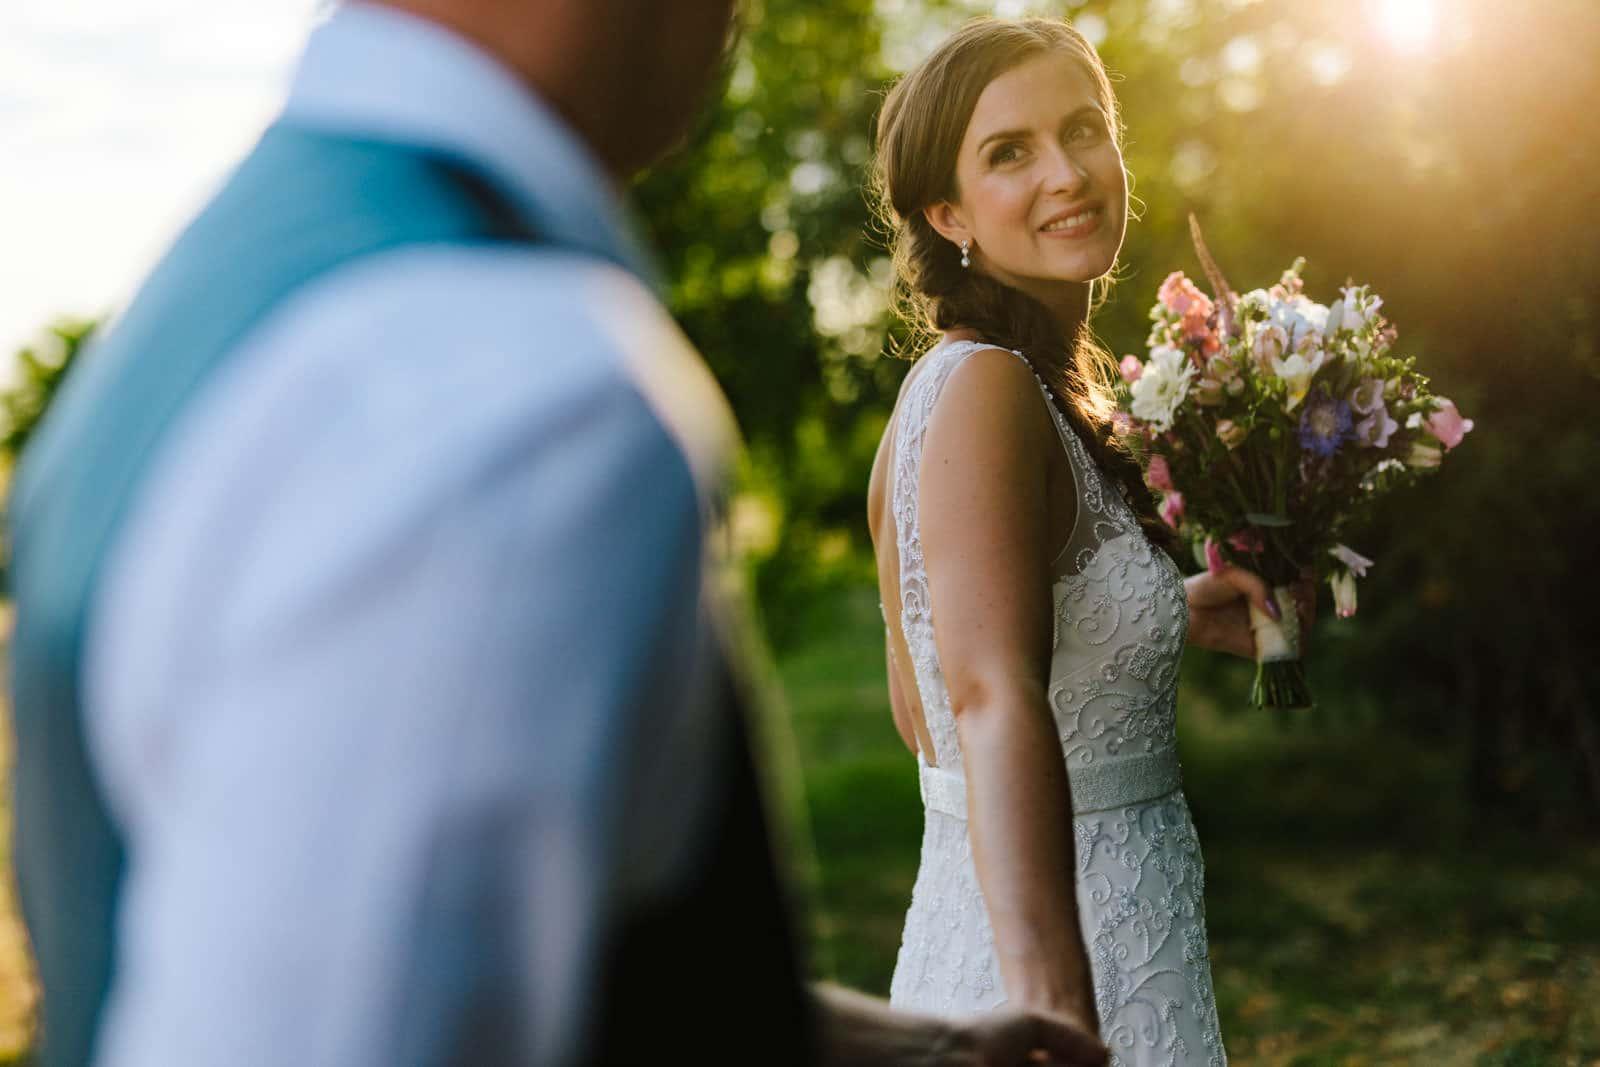 Bride admiringly looking at her groom